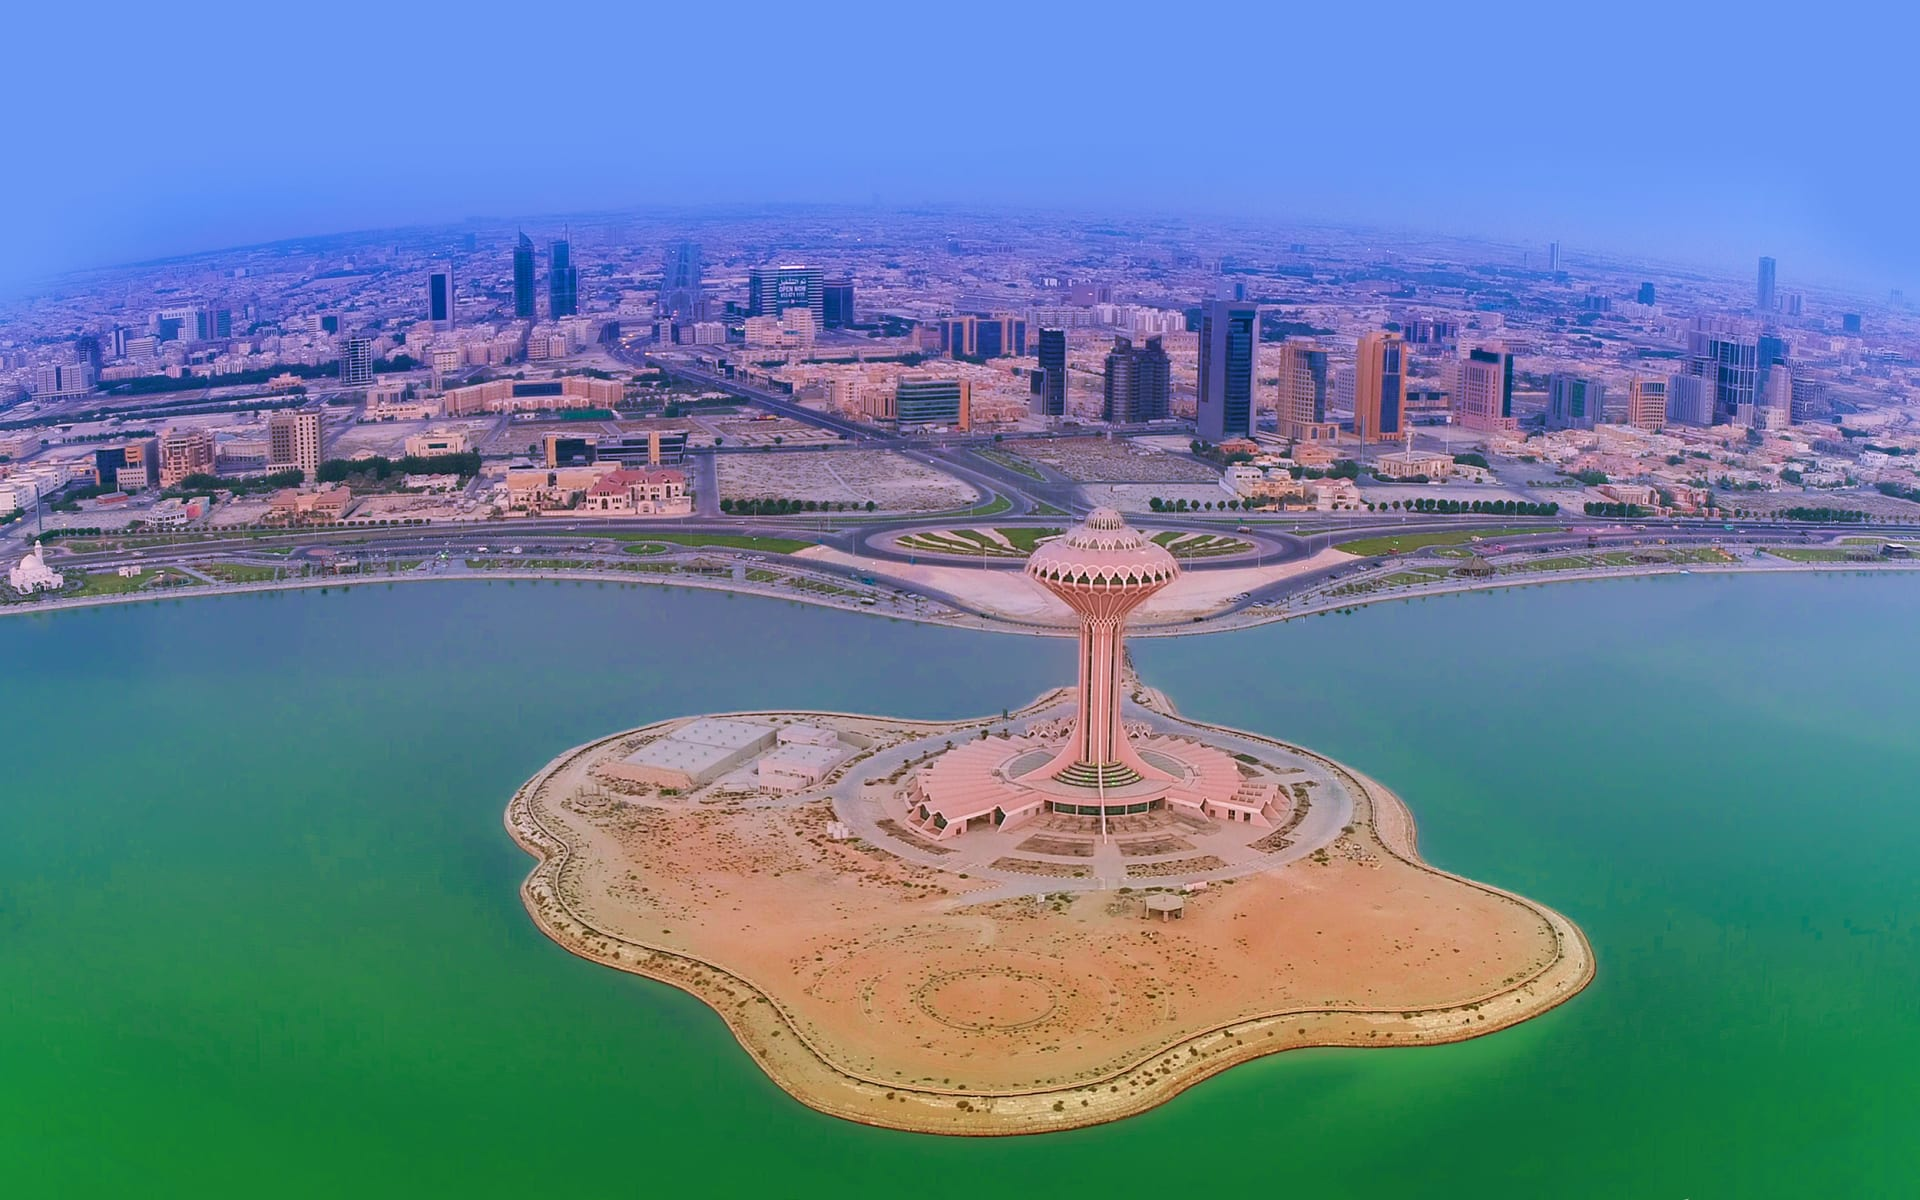 كأنها مدينة خيالية تطفو في الهواء.. هل تستطيع التعرف على هذه المدينة السعودية؟